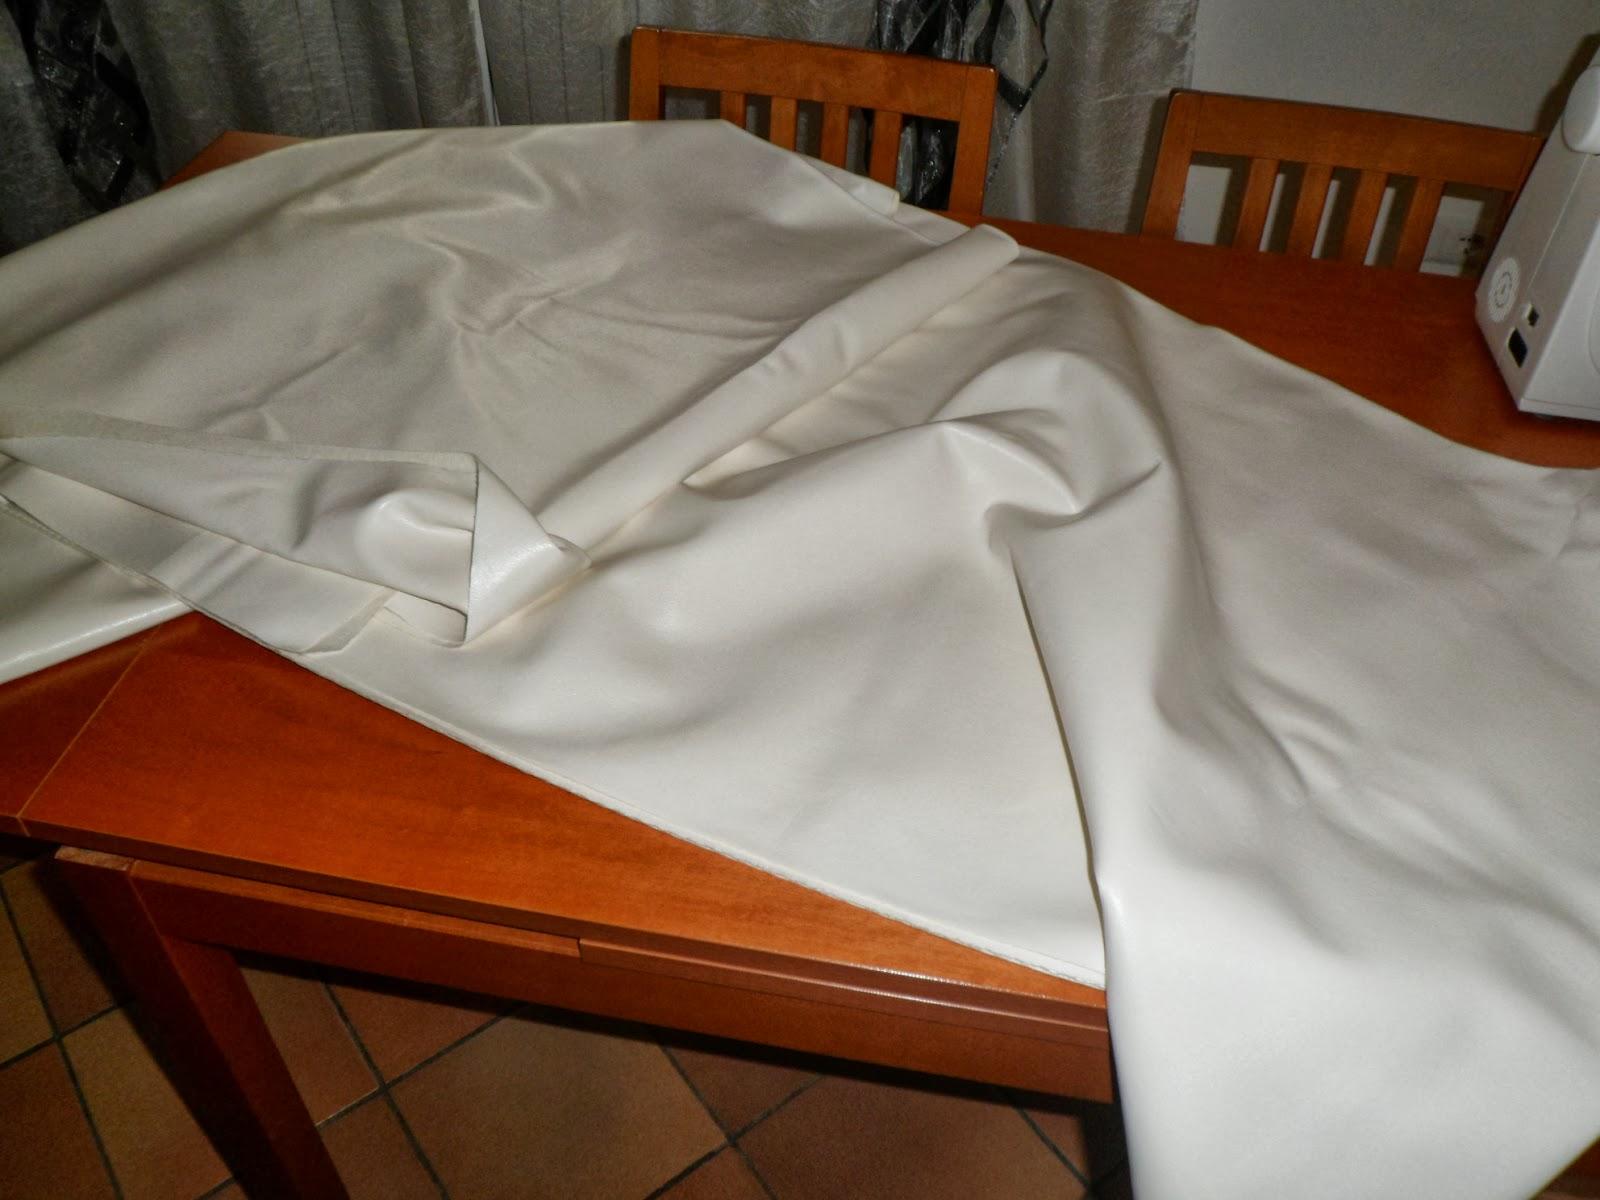 Fiori di stoffa rivestire un divano tutorial for Rivestire divano